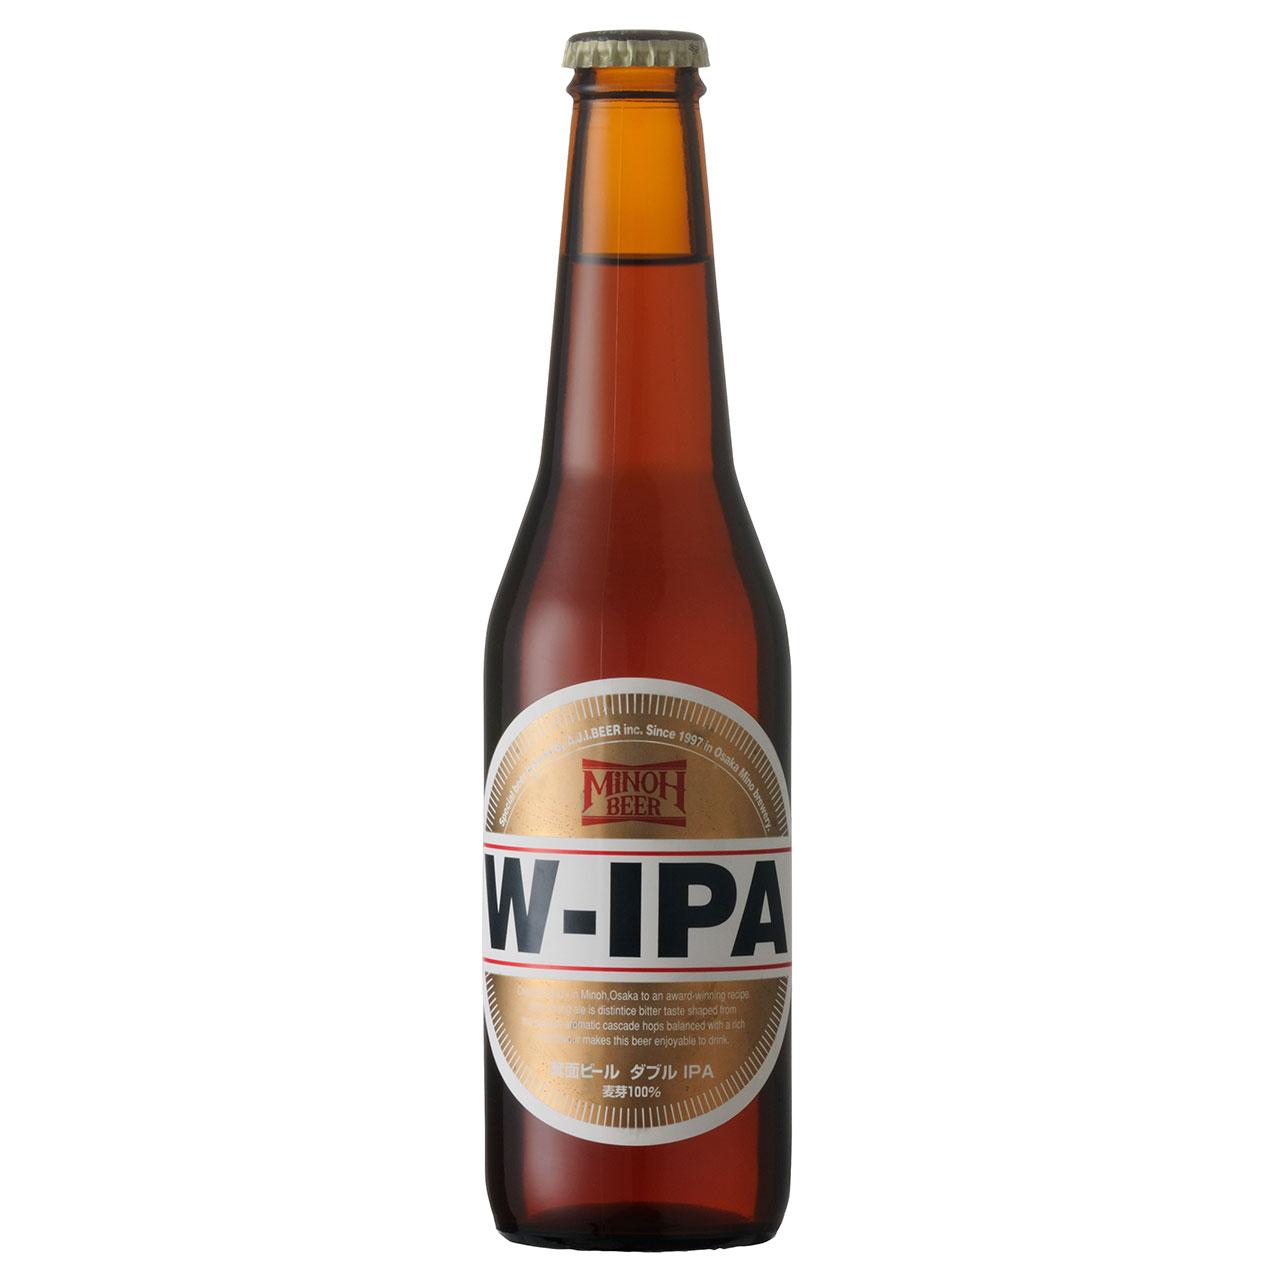 【ラッキーシール対応】お歳暮 ギフト 箕面ビール W-IPA 330ml 24本 大阪府 箕面ブリュワリー クラフトビール ケース販売